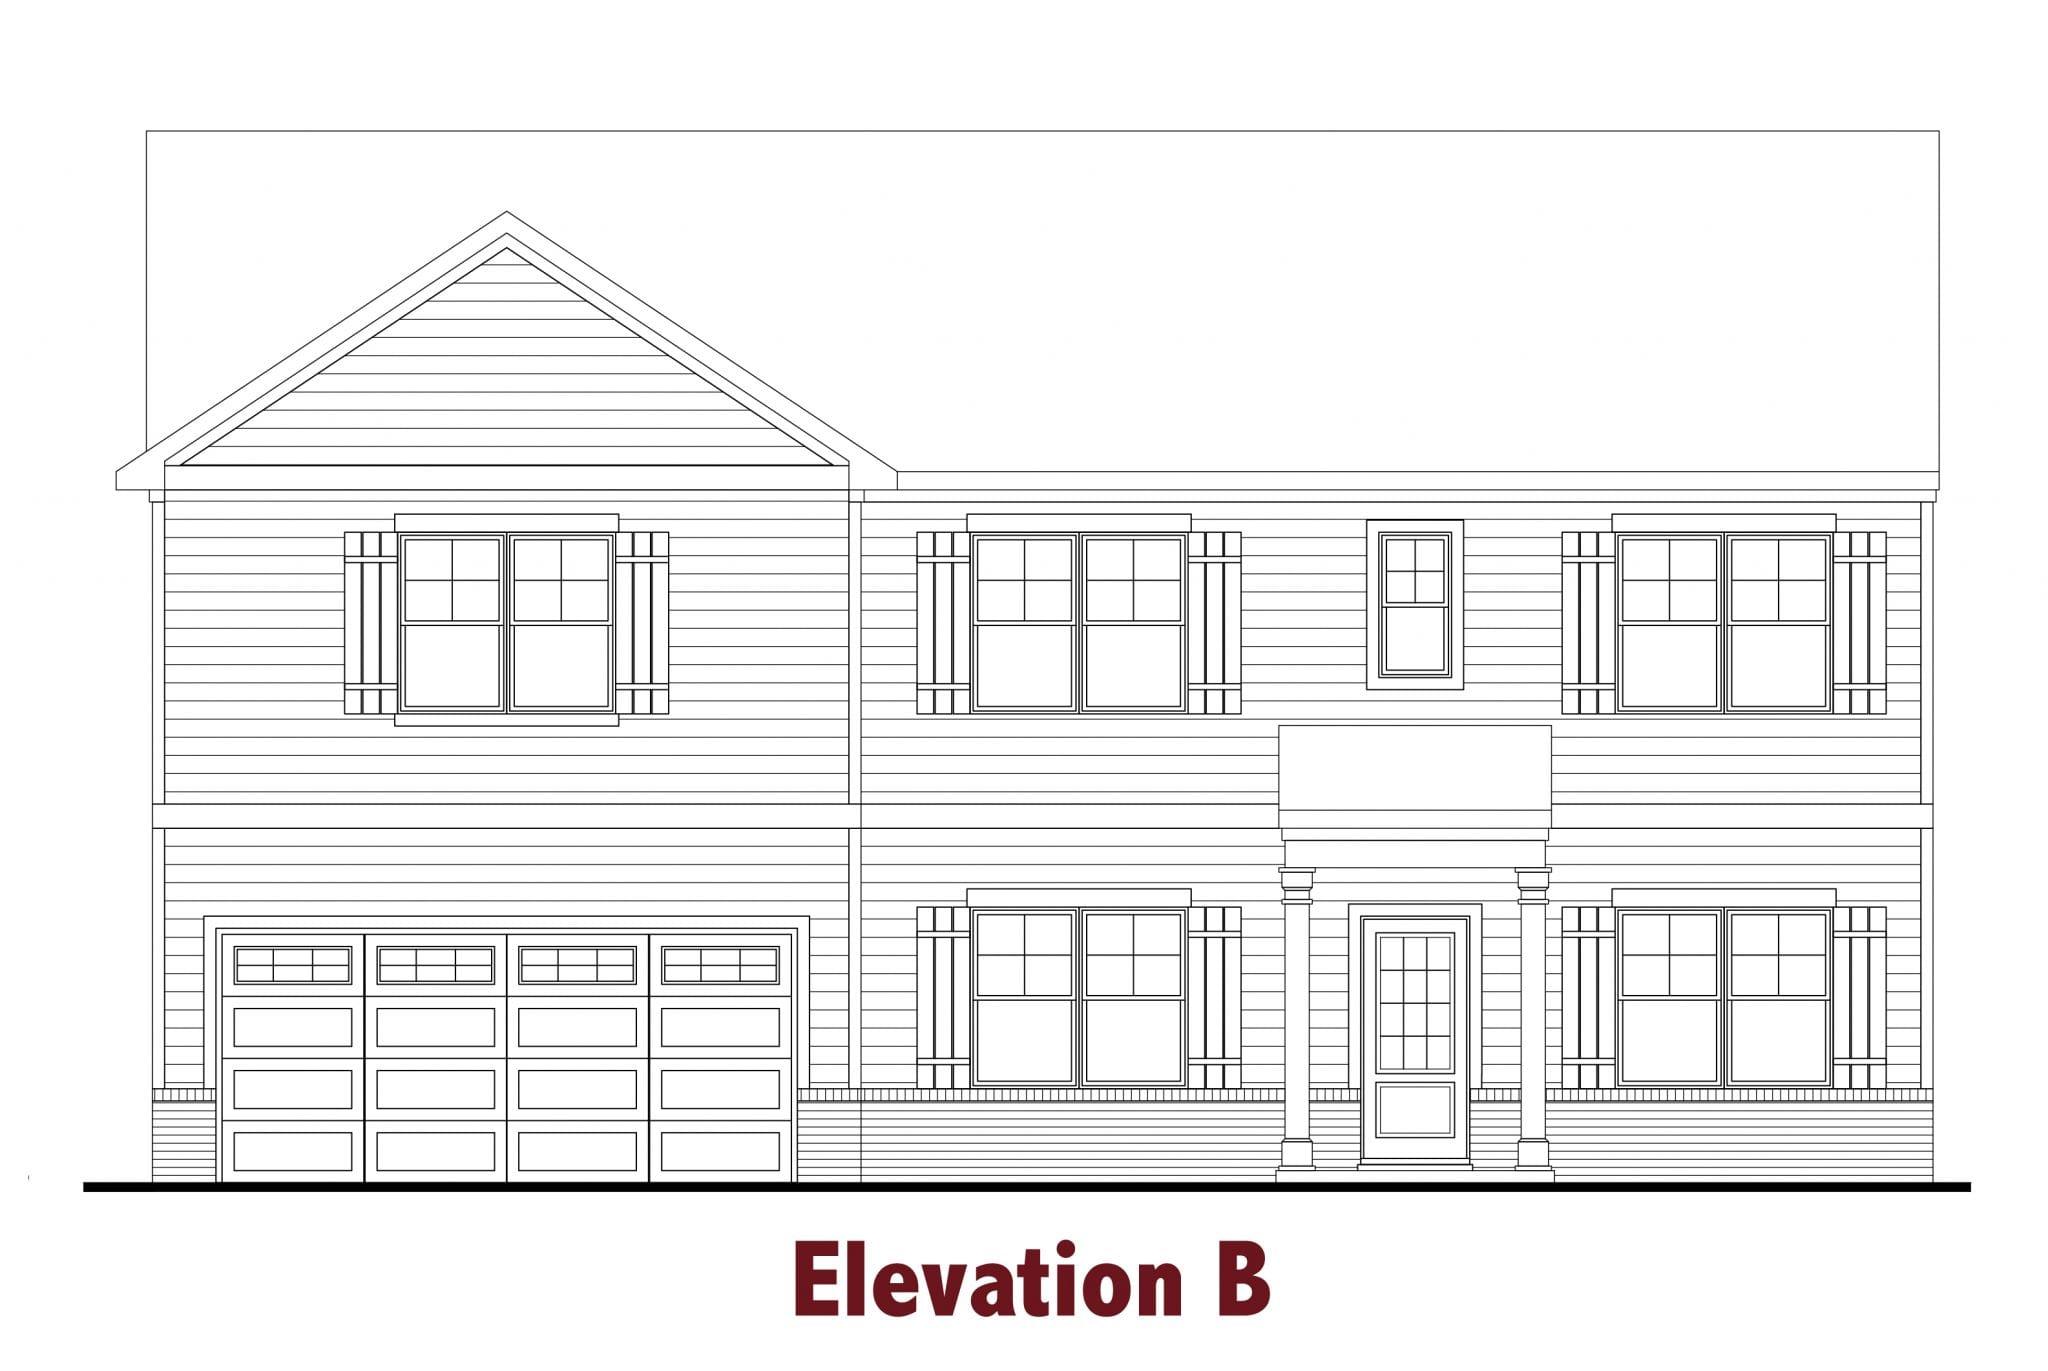 Hammond elevations Image